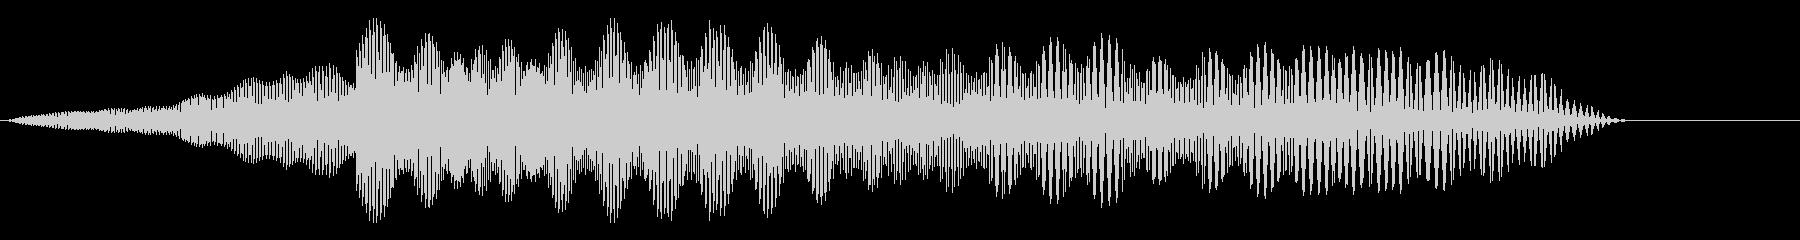 ピュウ(レーザー光線/SNES/レトロの未再生の波形